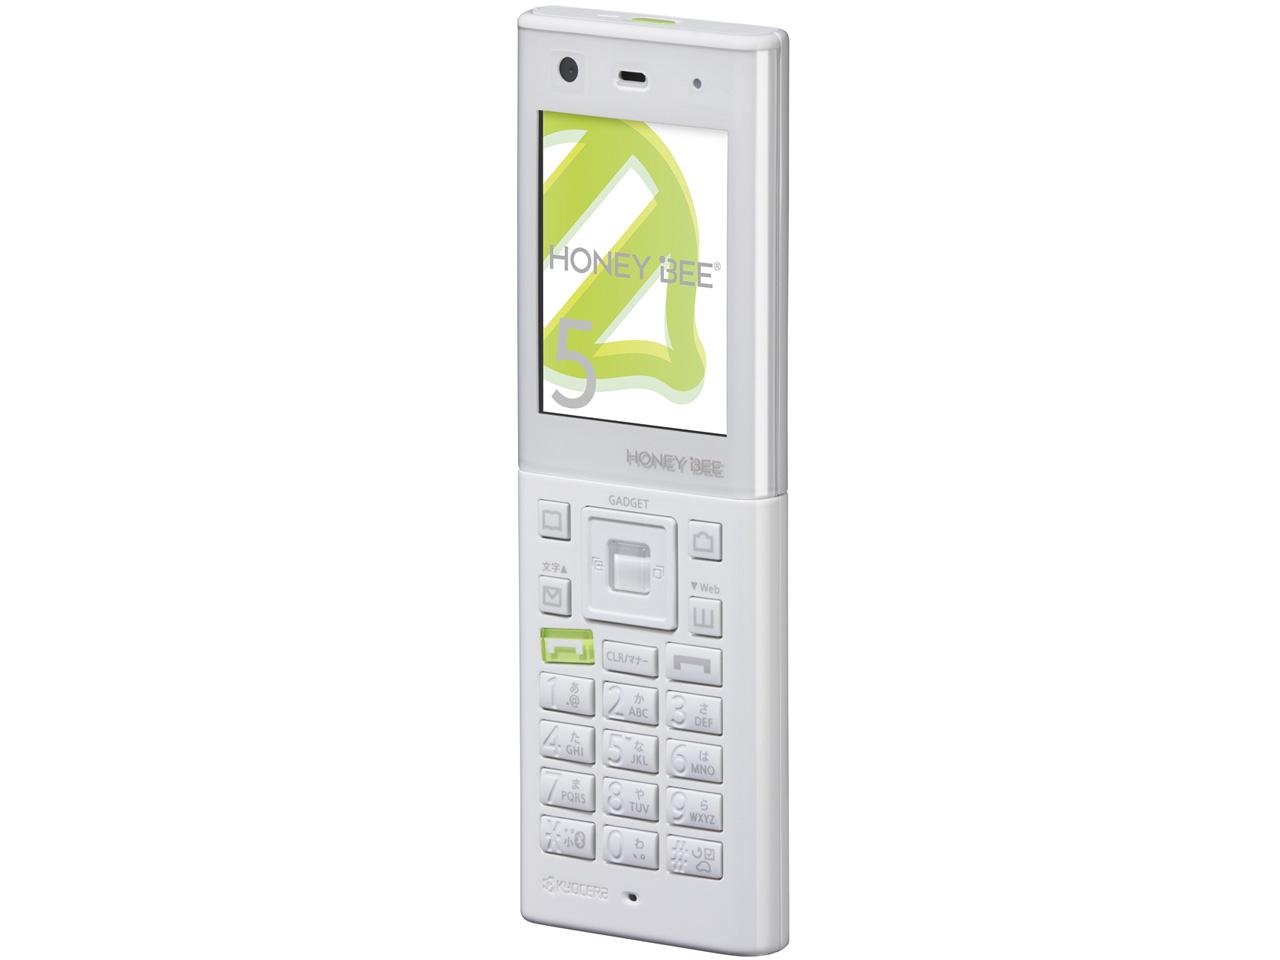 『本体 正面 斜め1』 HONEY BEE 5 WX07K [ホワイト&ホワイト] の製品画像